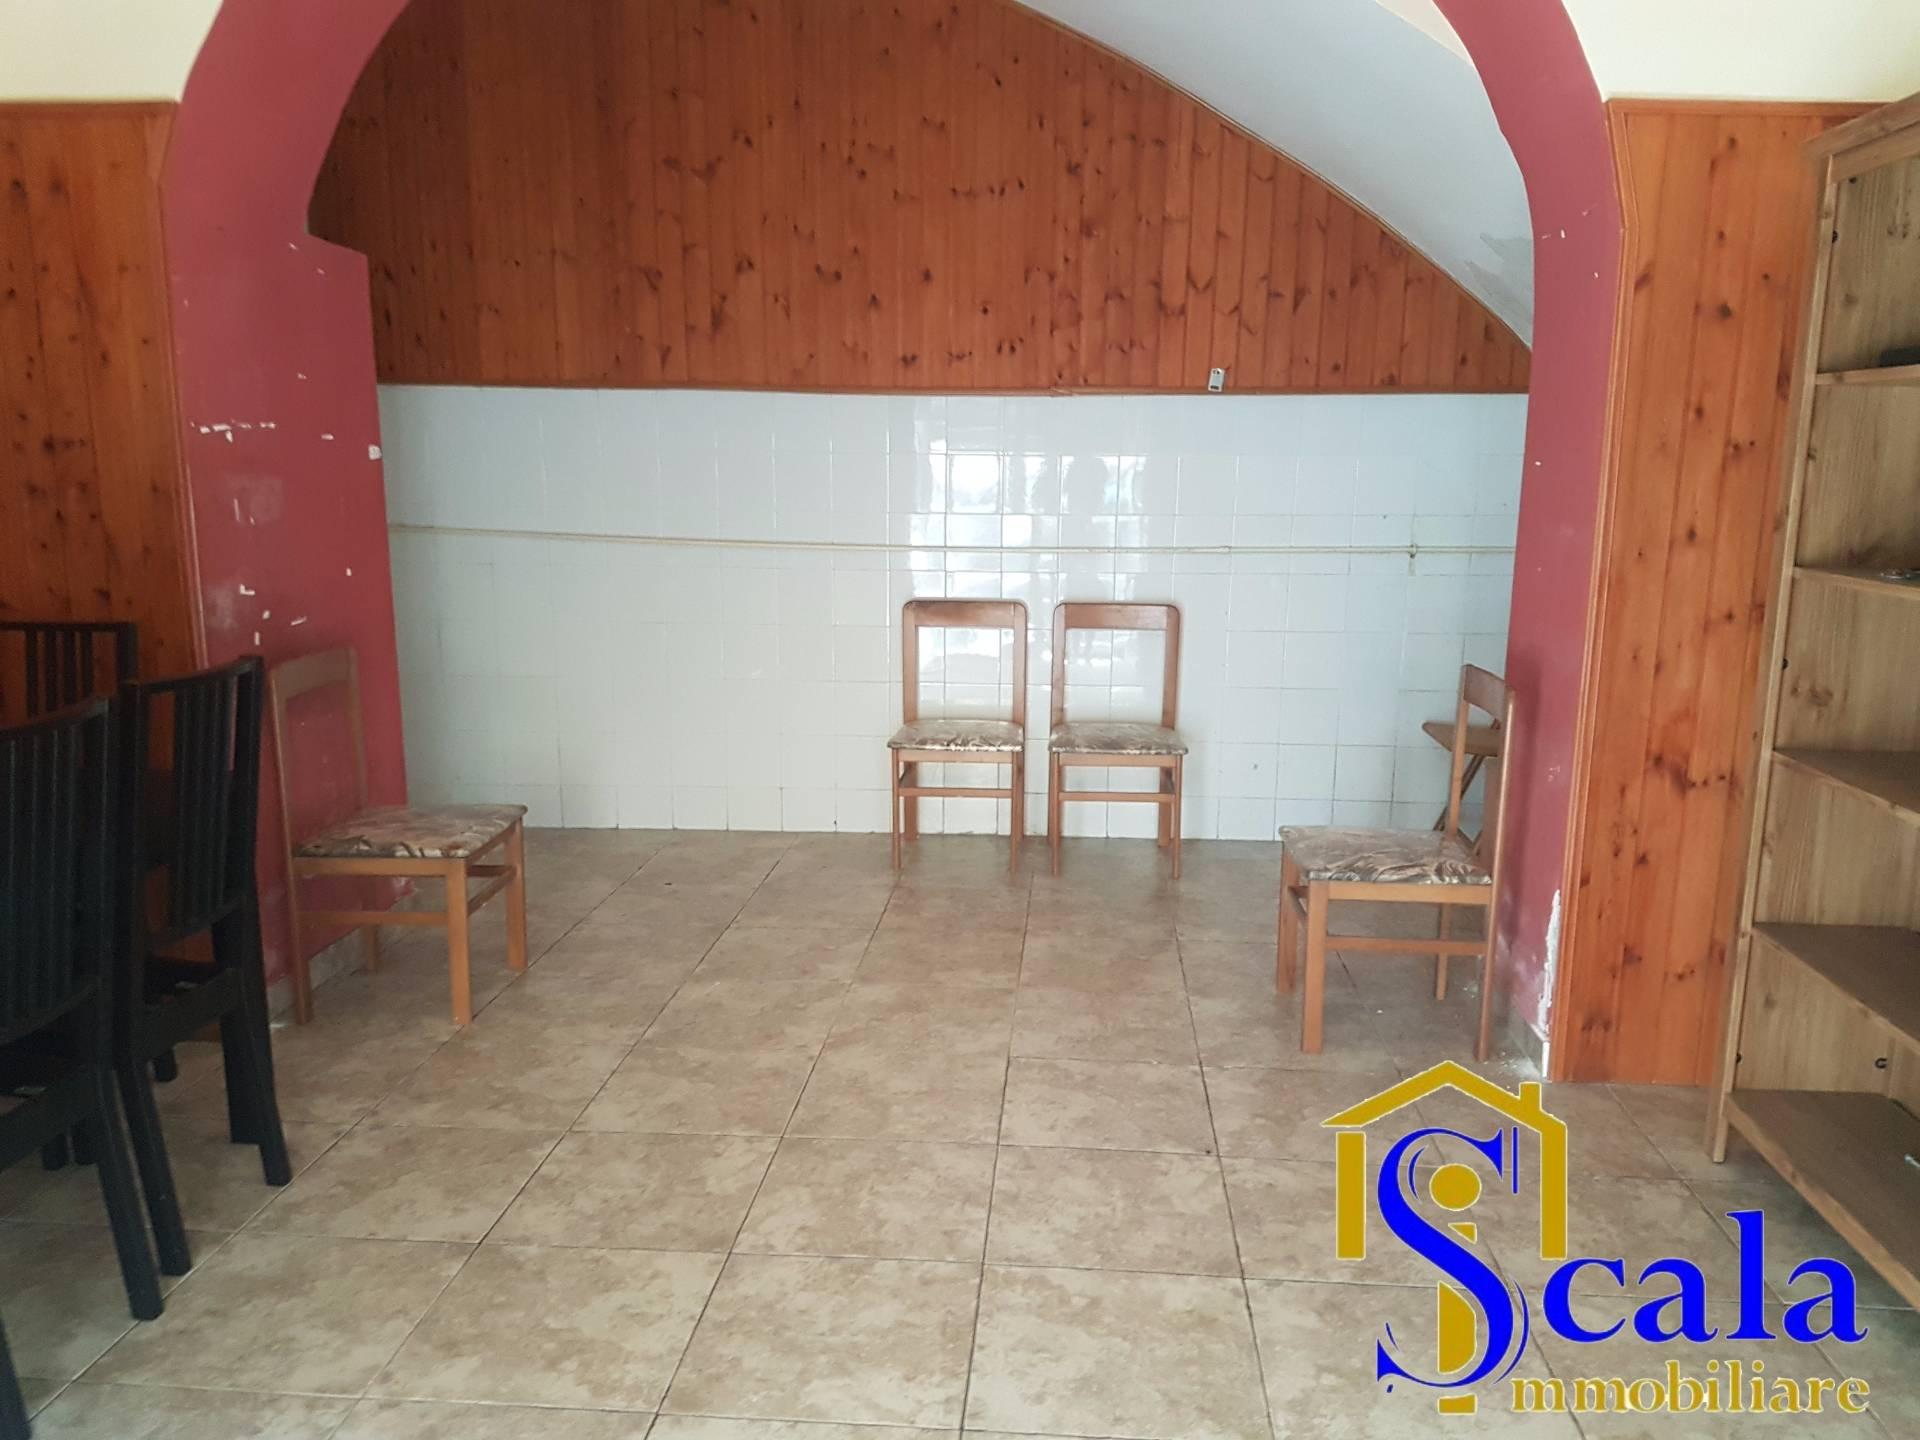 Negozio / Locale in affitto a Santa Maria Capua Vetere, 9999 locali, prezzo € 300 | Cambio Casa.it